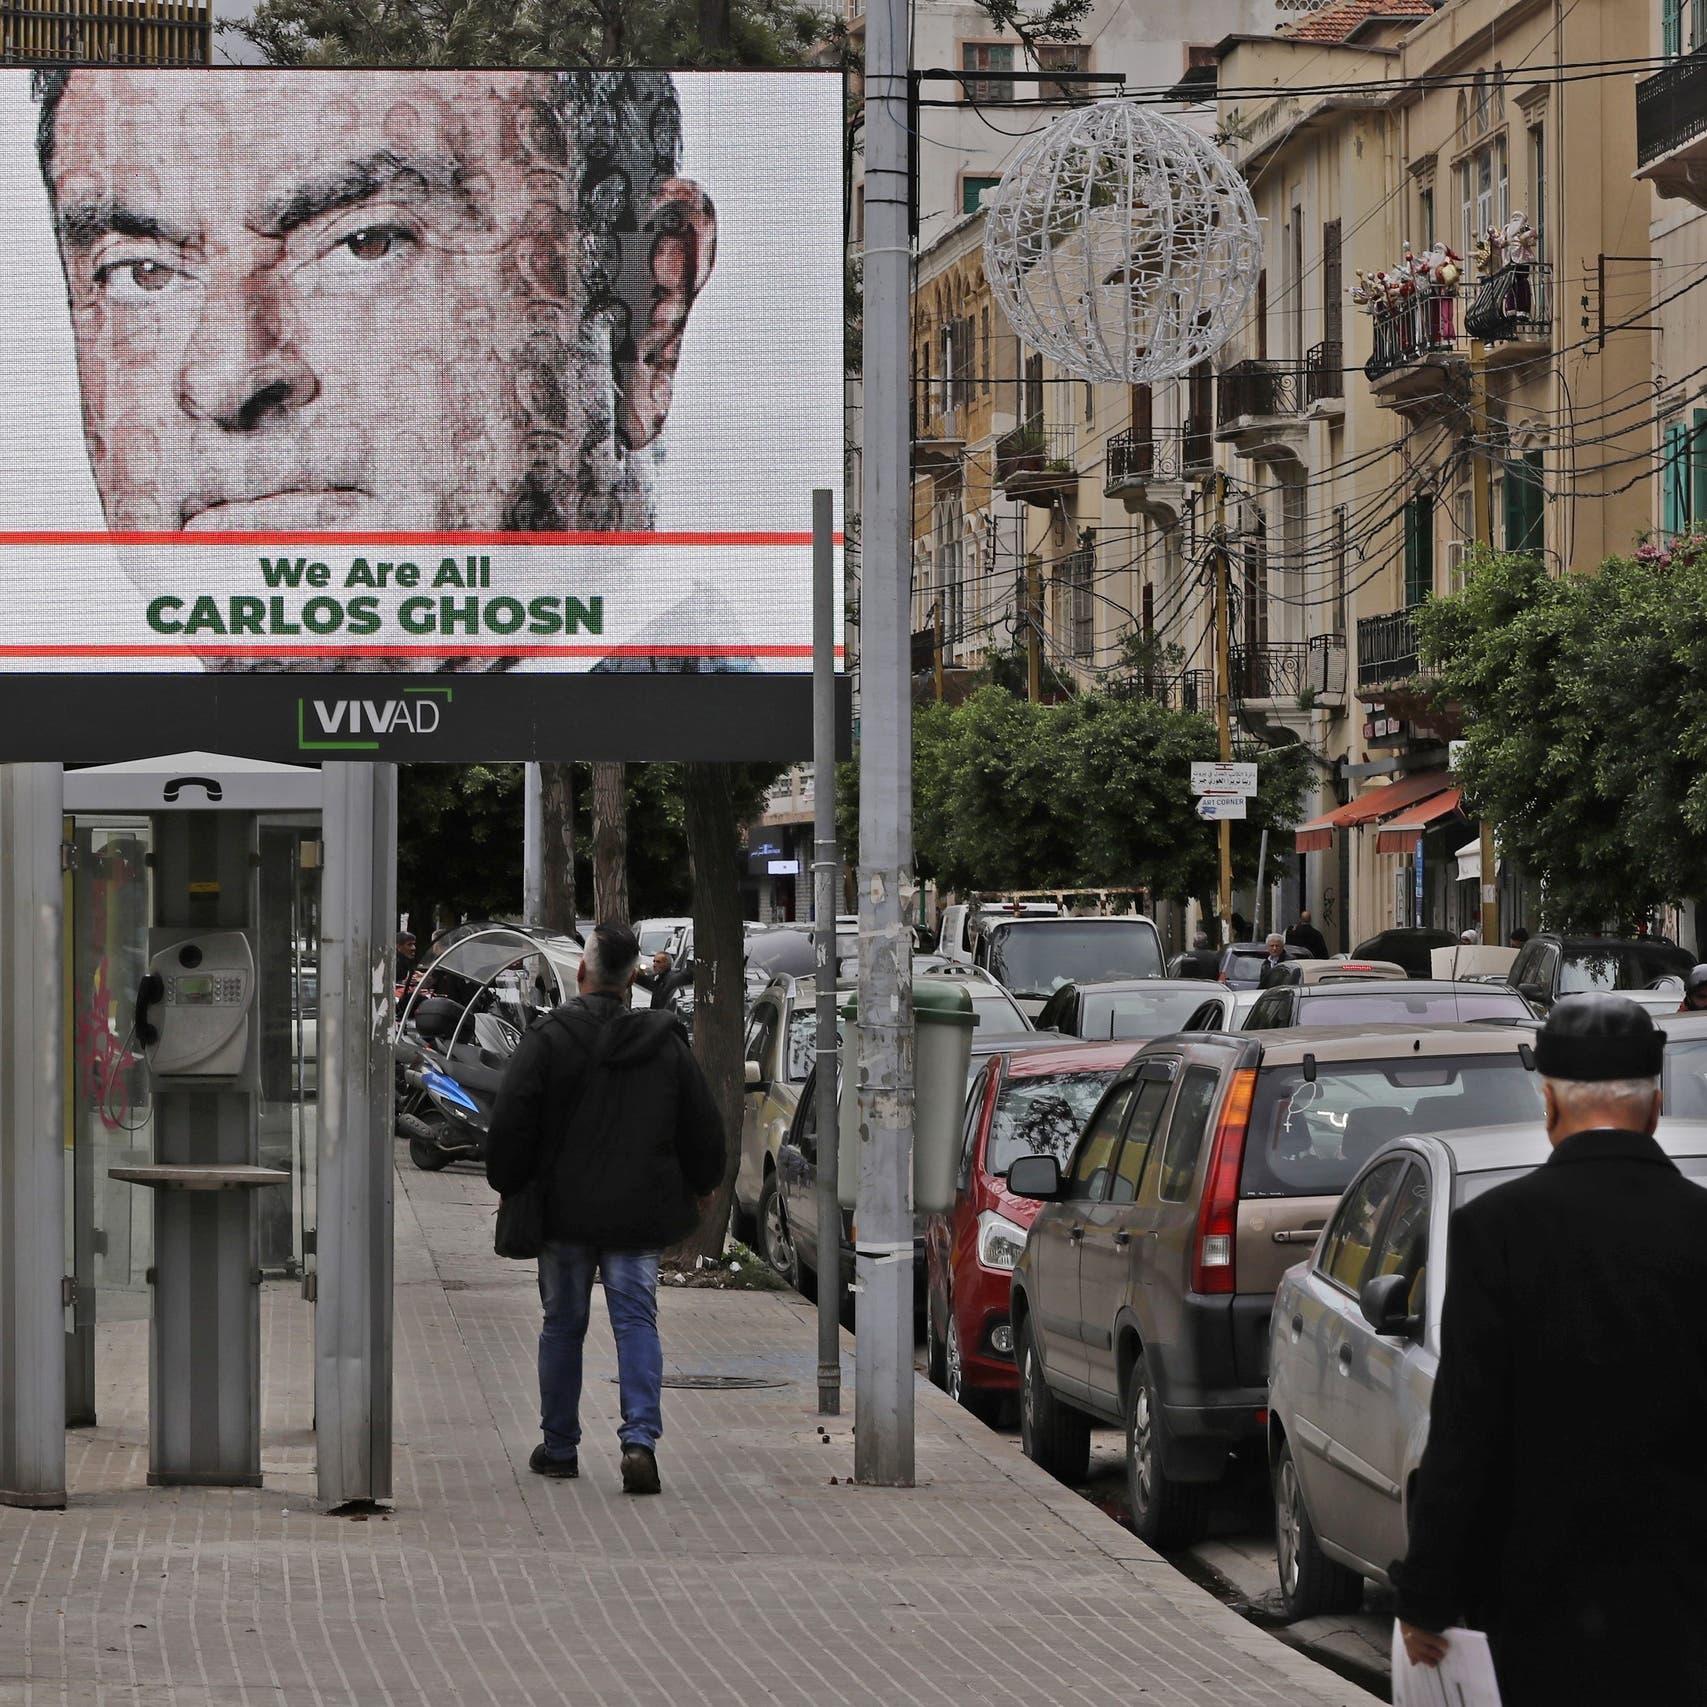 يد طوكيو لن تطال كارلوس غصن.. قضاء لبنان يوضح